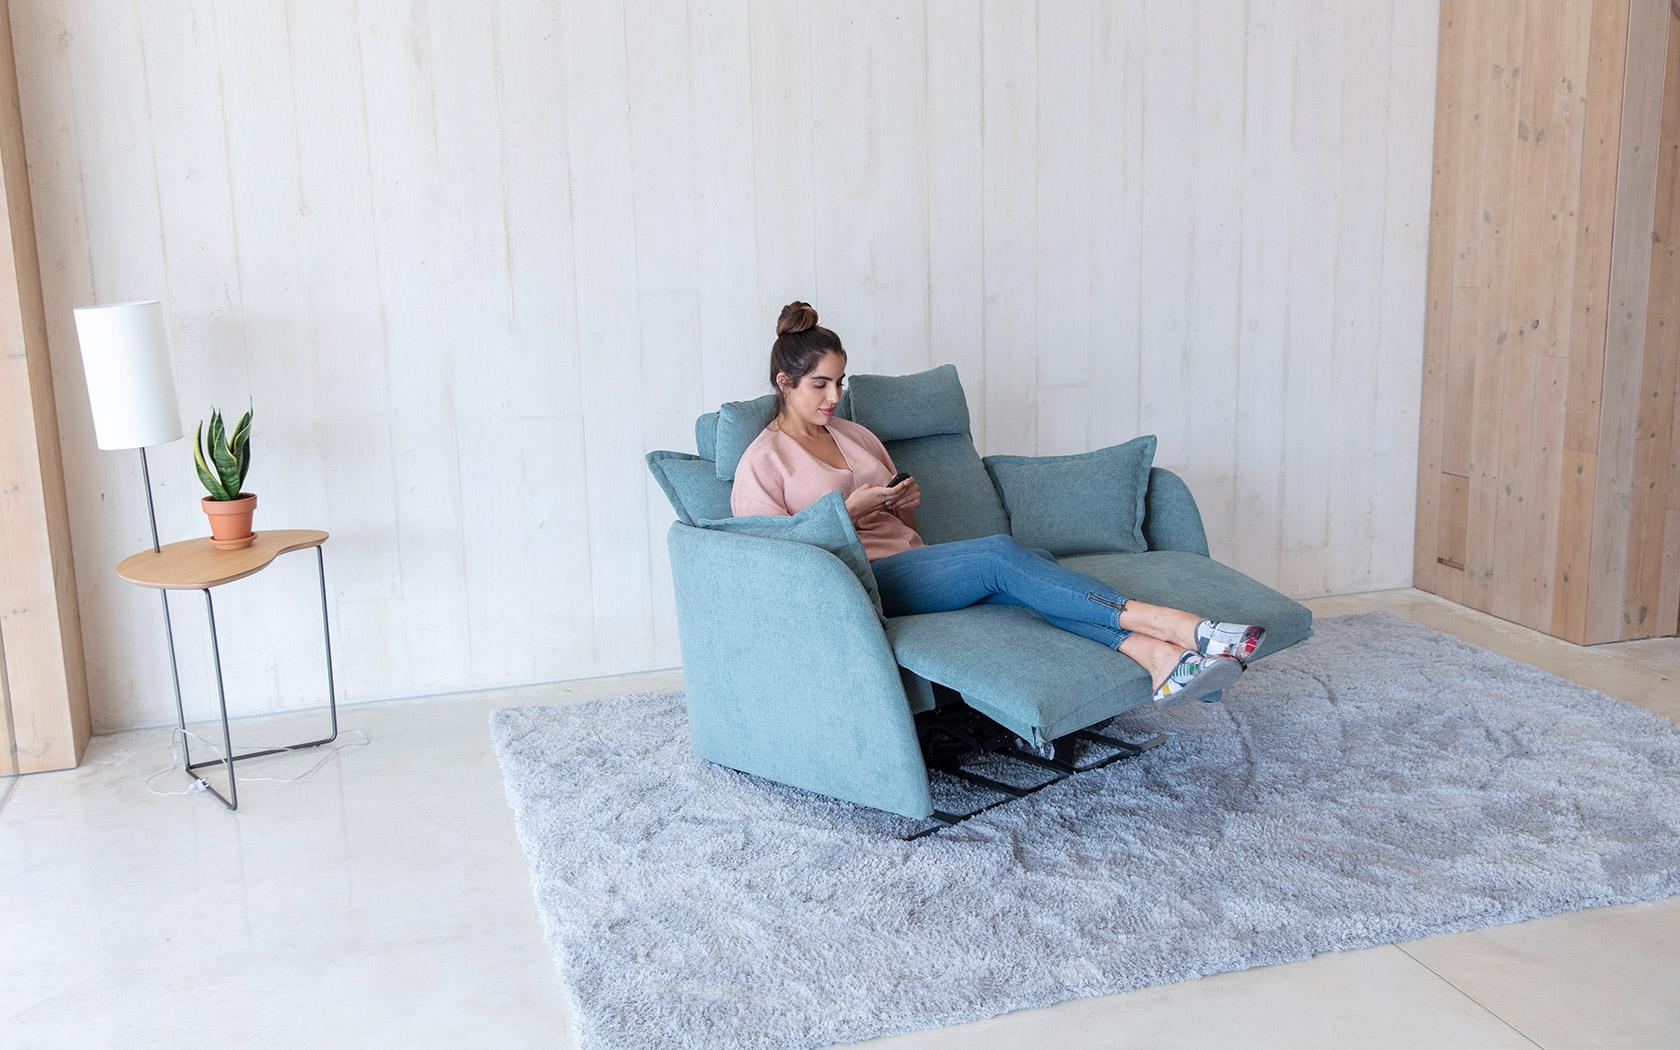 NadiaXL sillon relax 2021 03